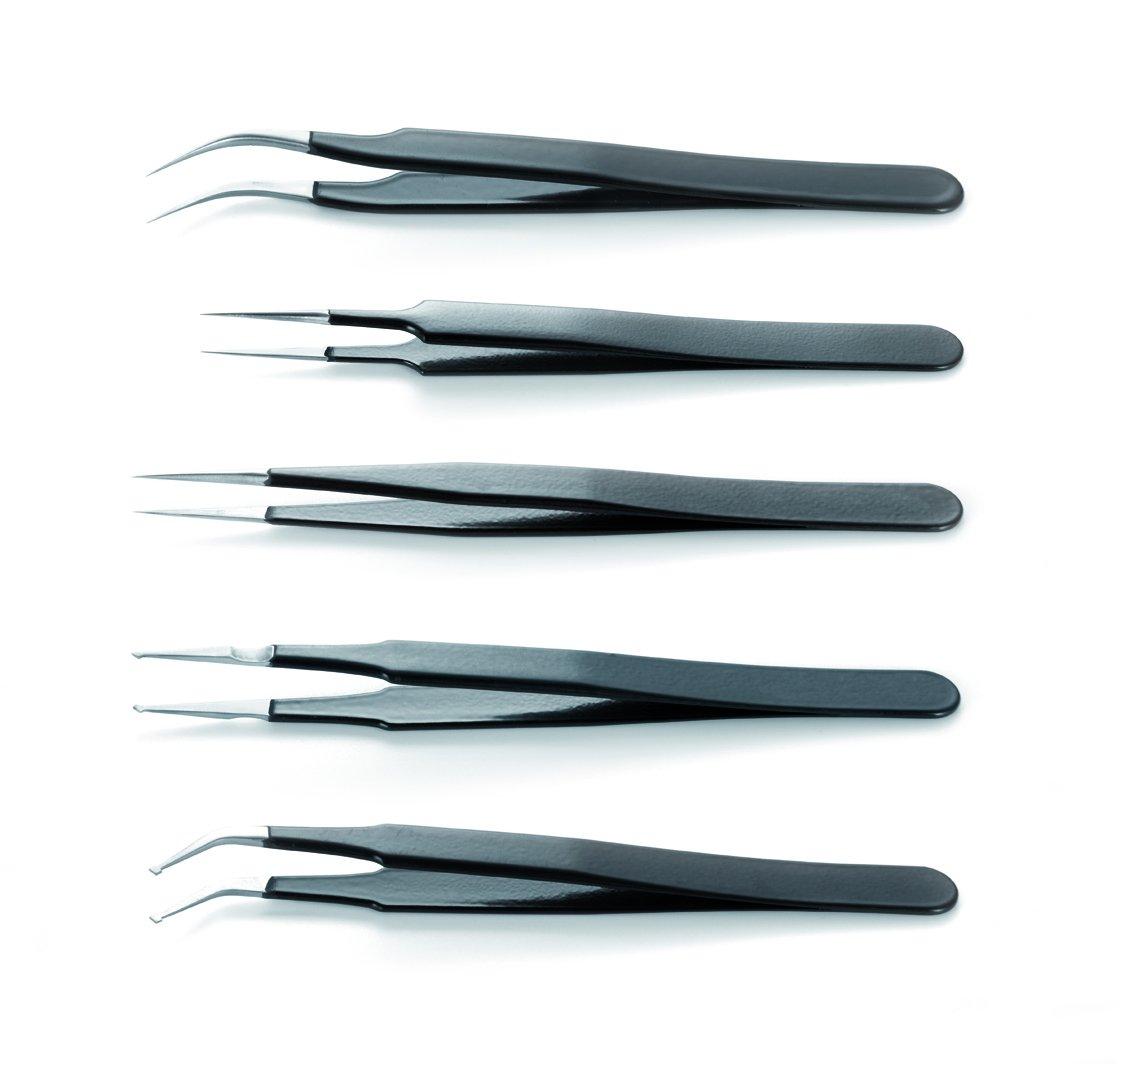 ESD Epoxy Coated Tweezers Kit Of 6